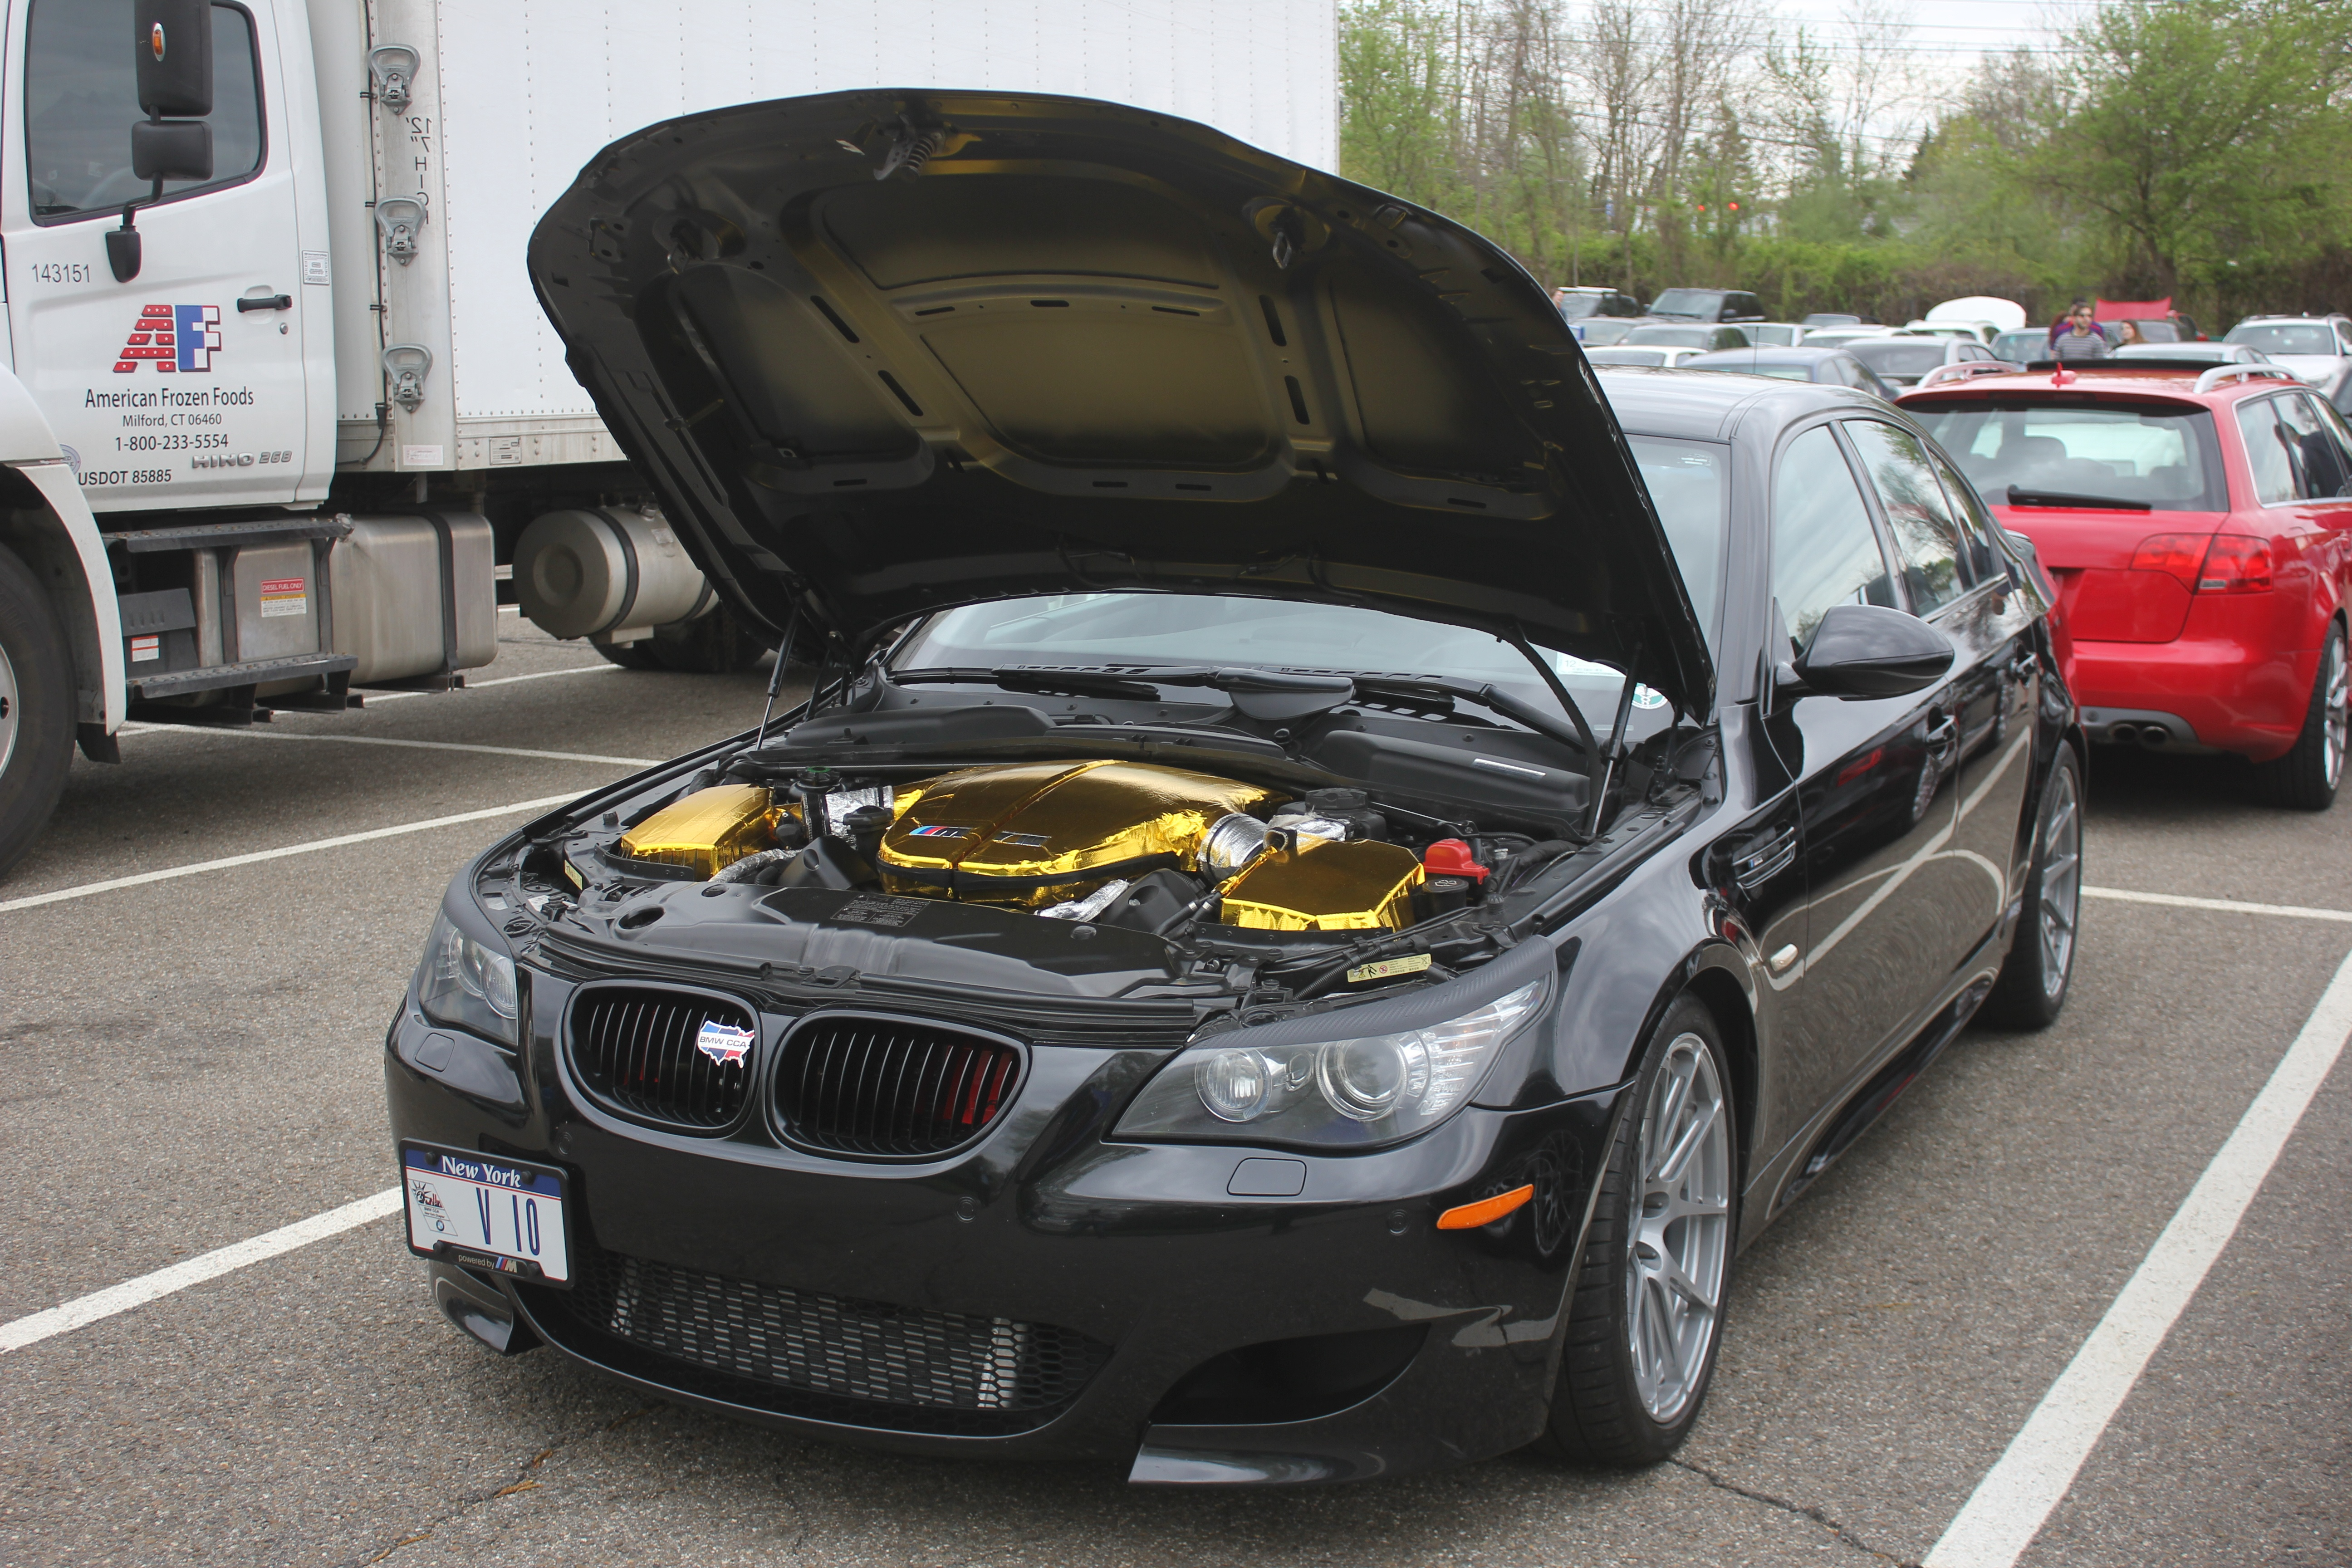 E60-M5-Engine-Bay-Gold